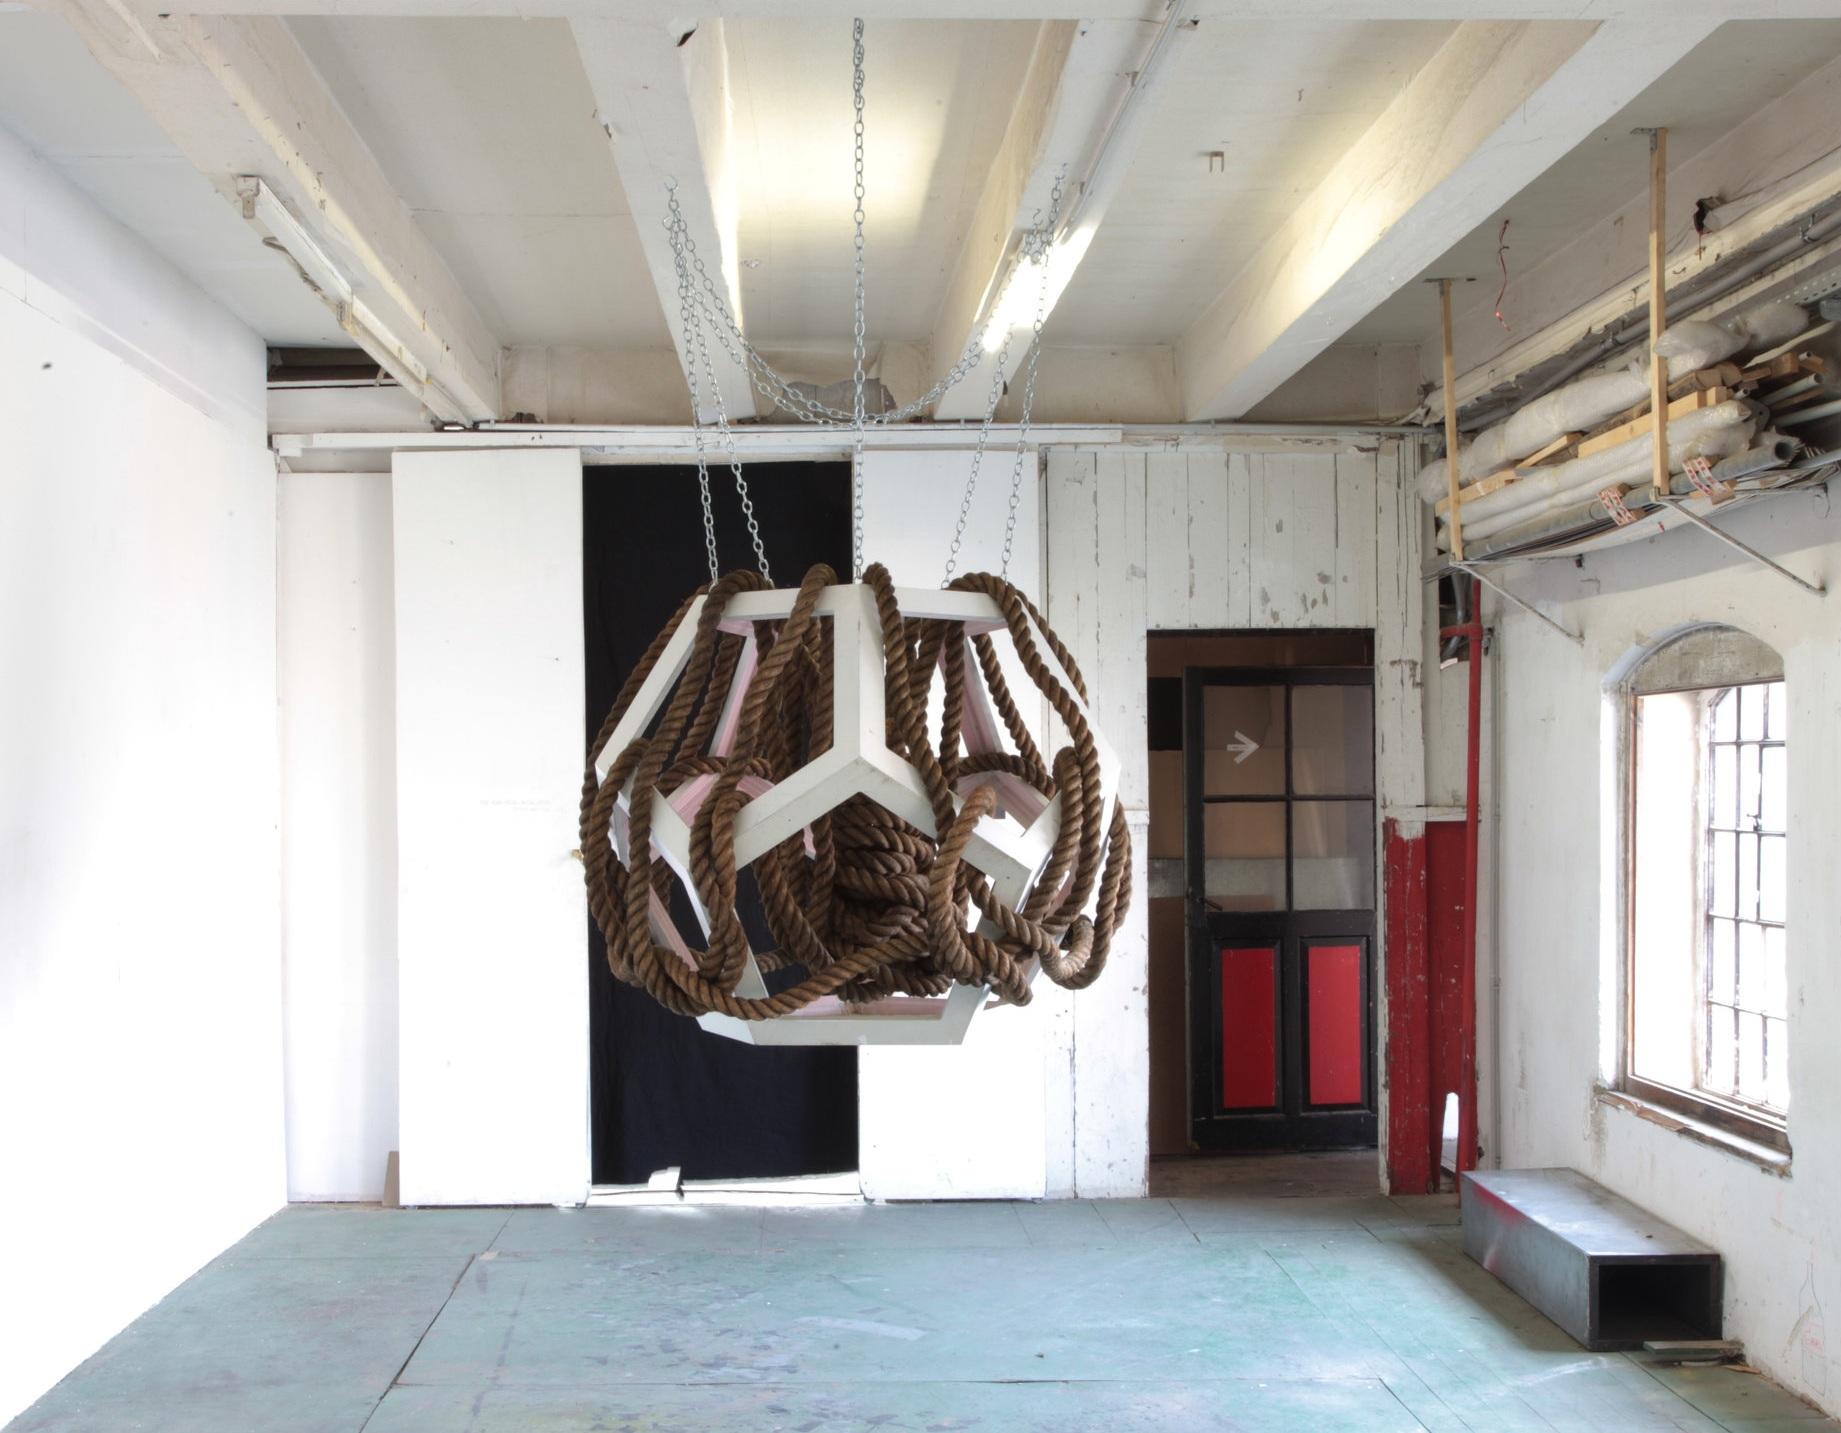 Quellenabschiedsskulptur,  rope, wood, metal, ⌀120 cm, 2012